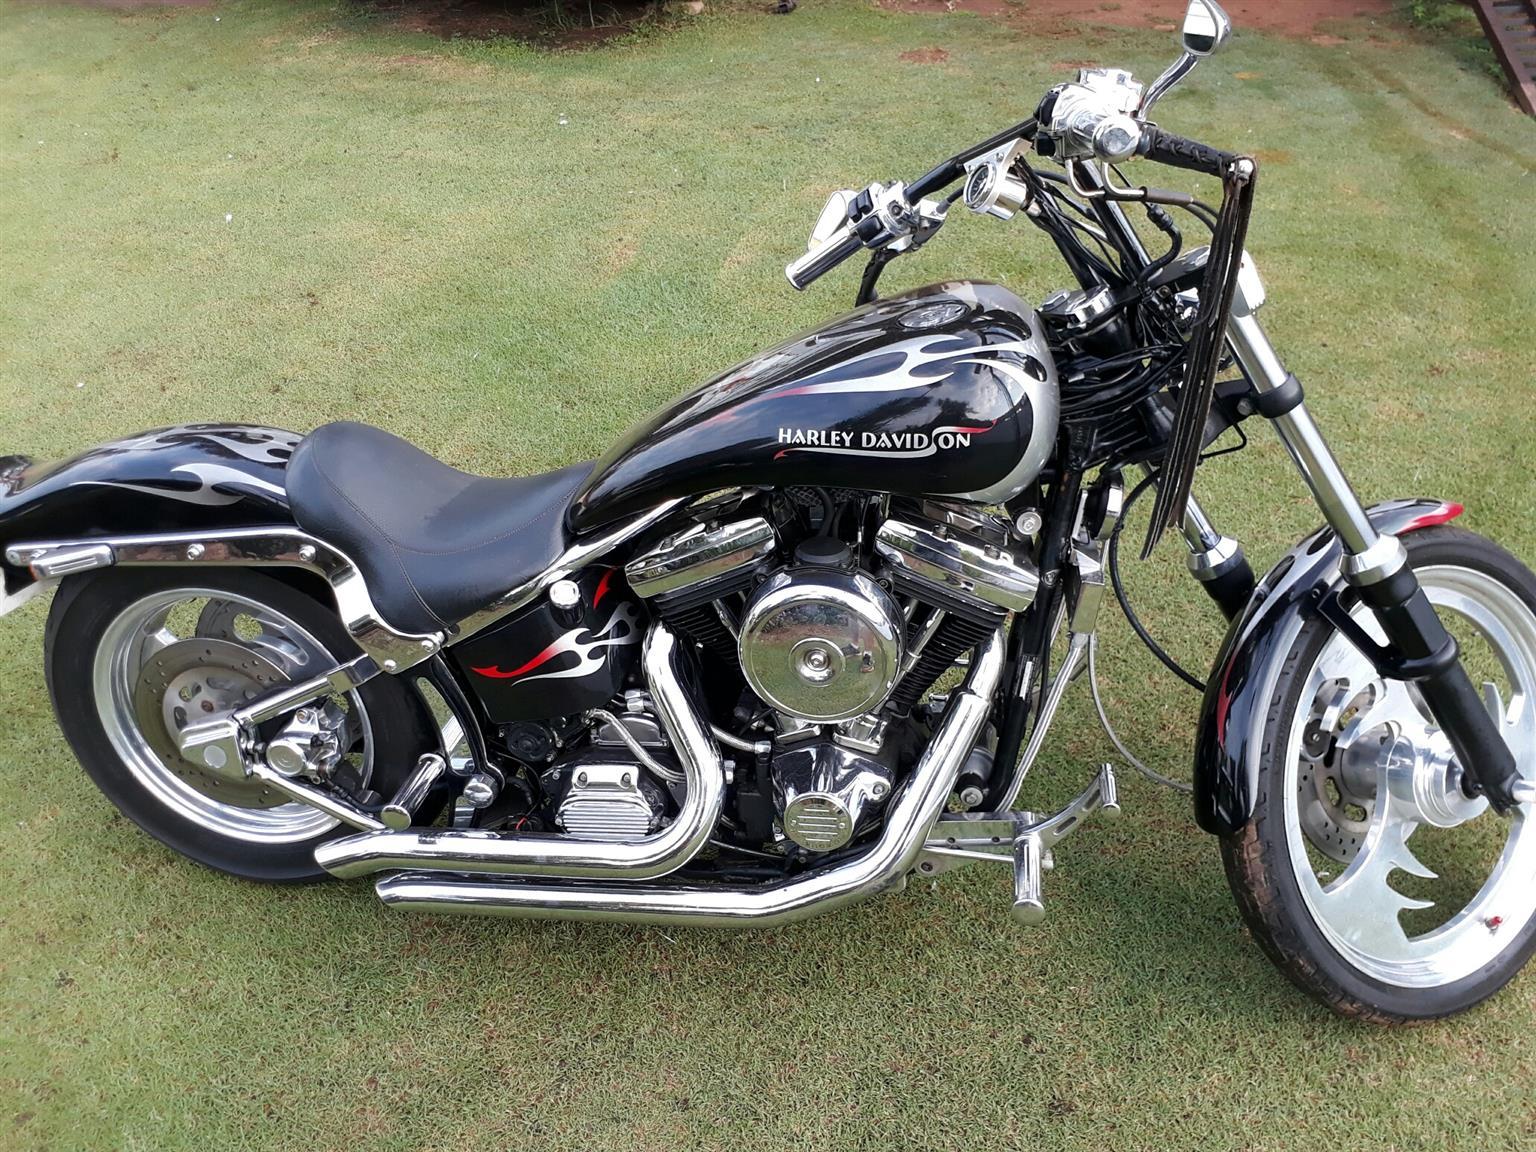 1992 Harley Davidson Softail